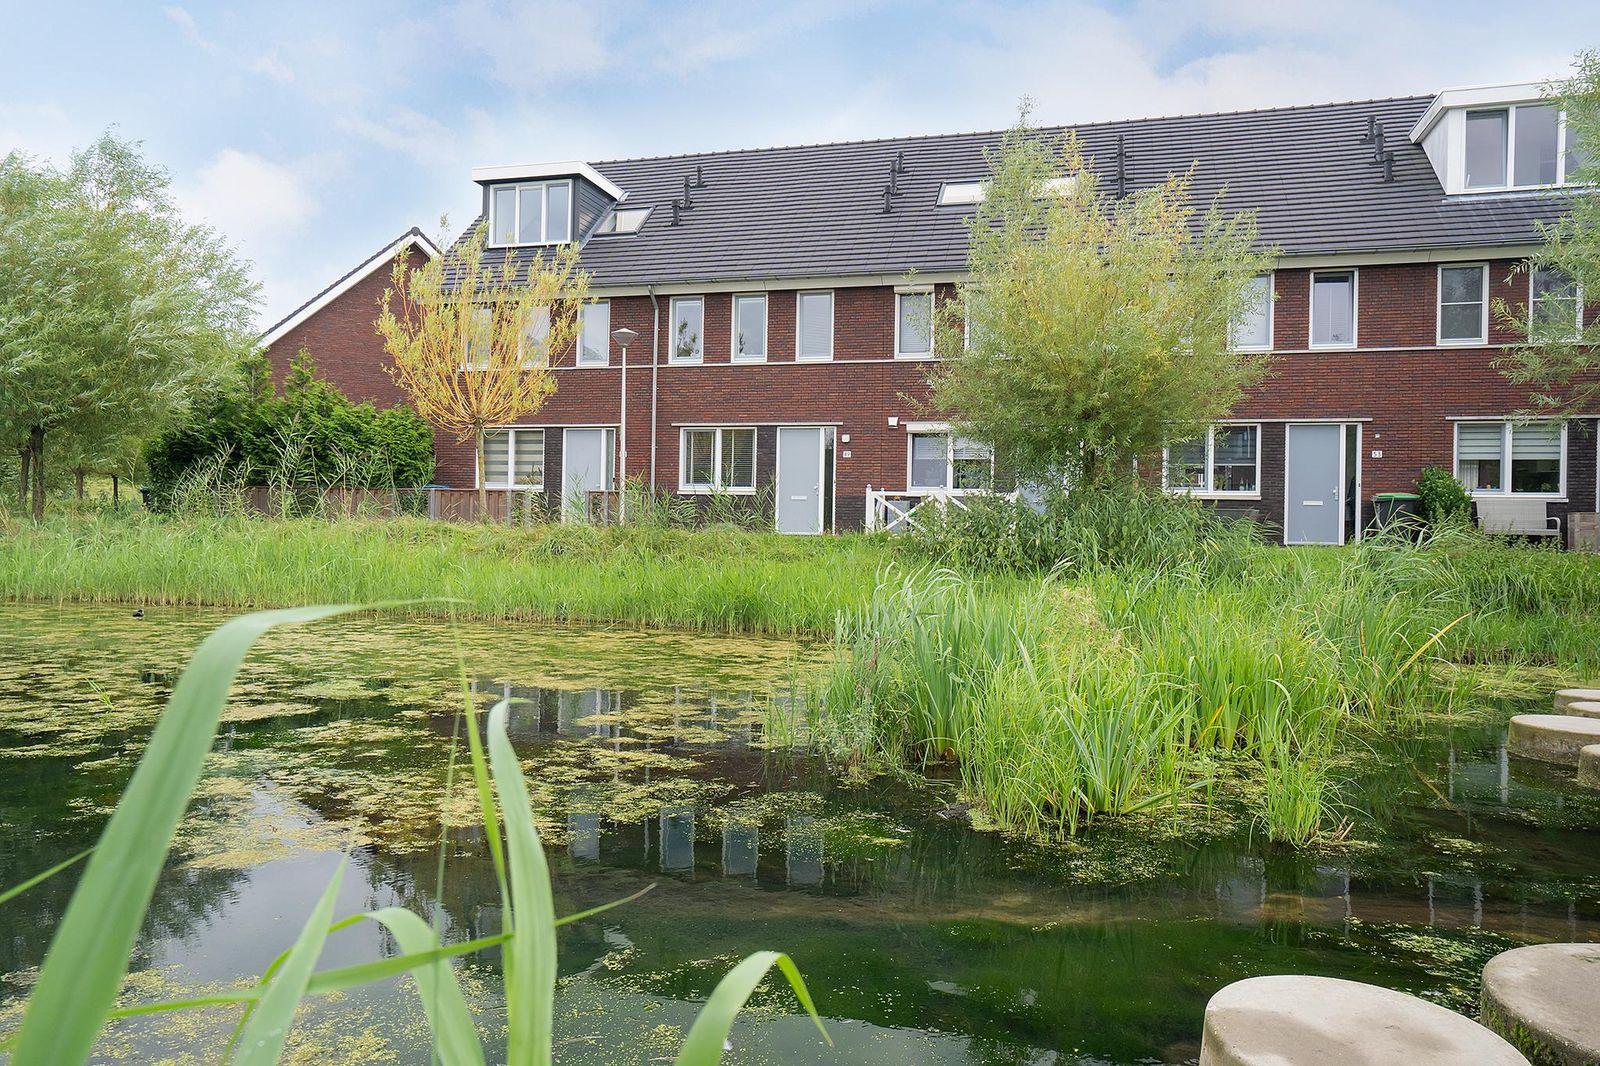 Van Riebeekstraat 49, Ridderkerk